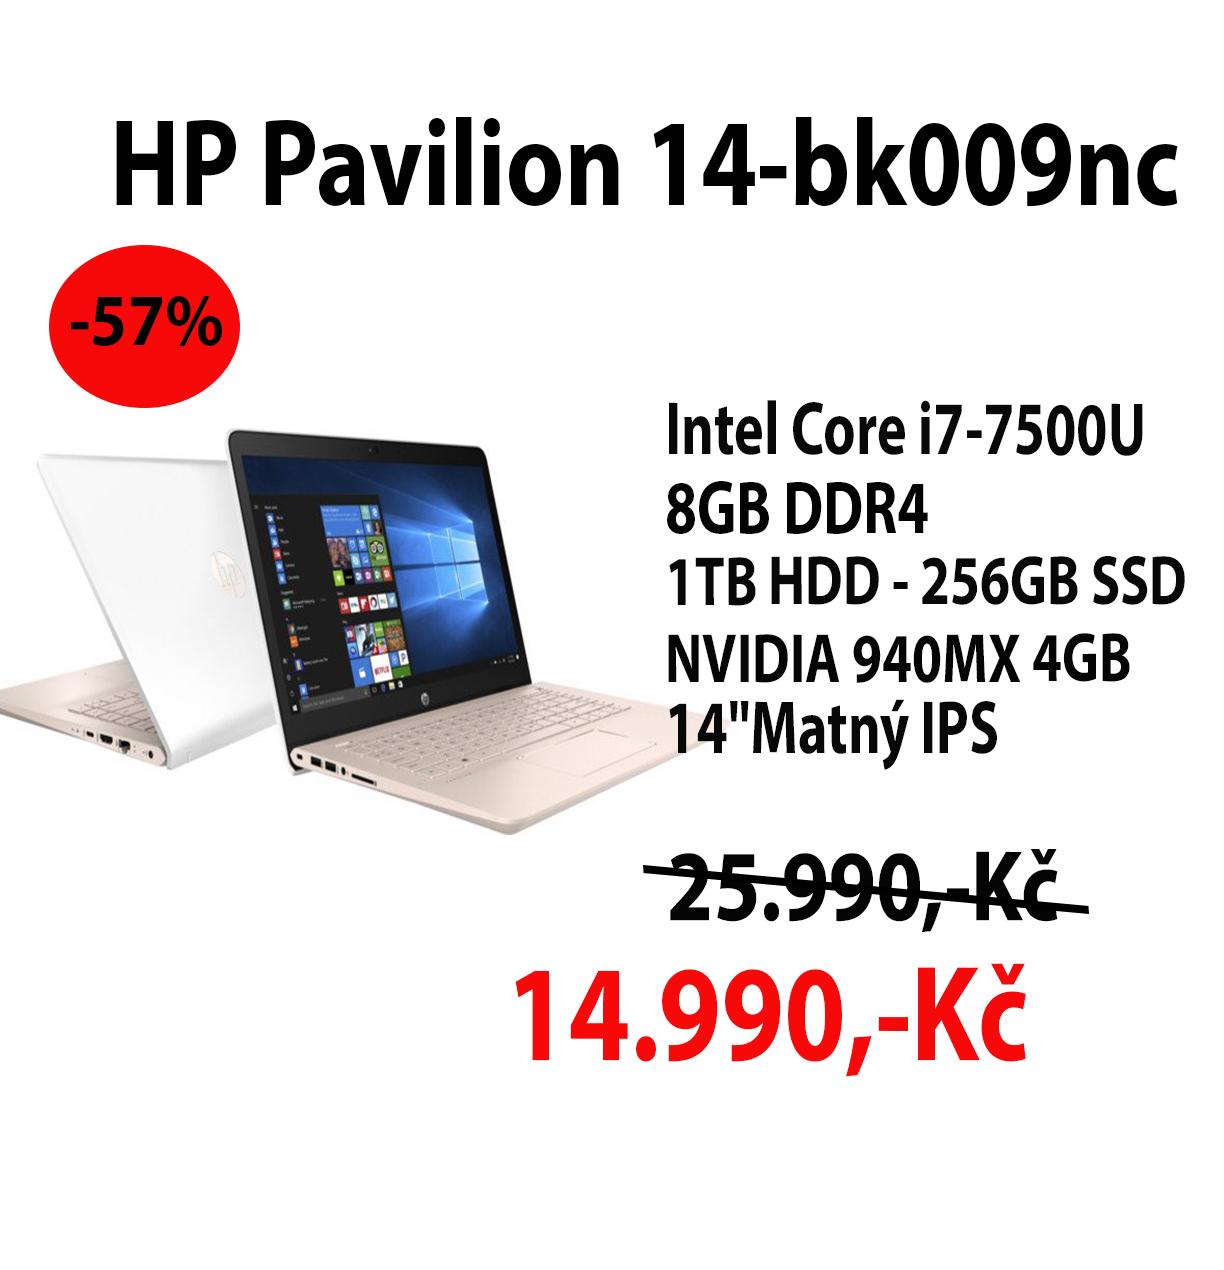 HP Pavilion 14-bk009nc